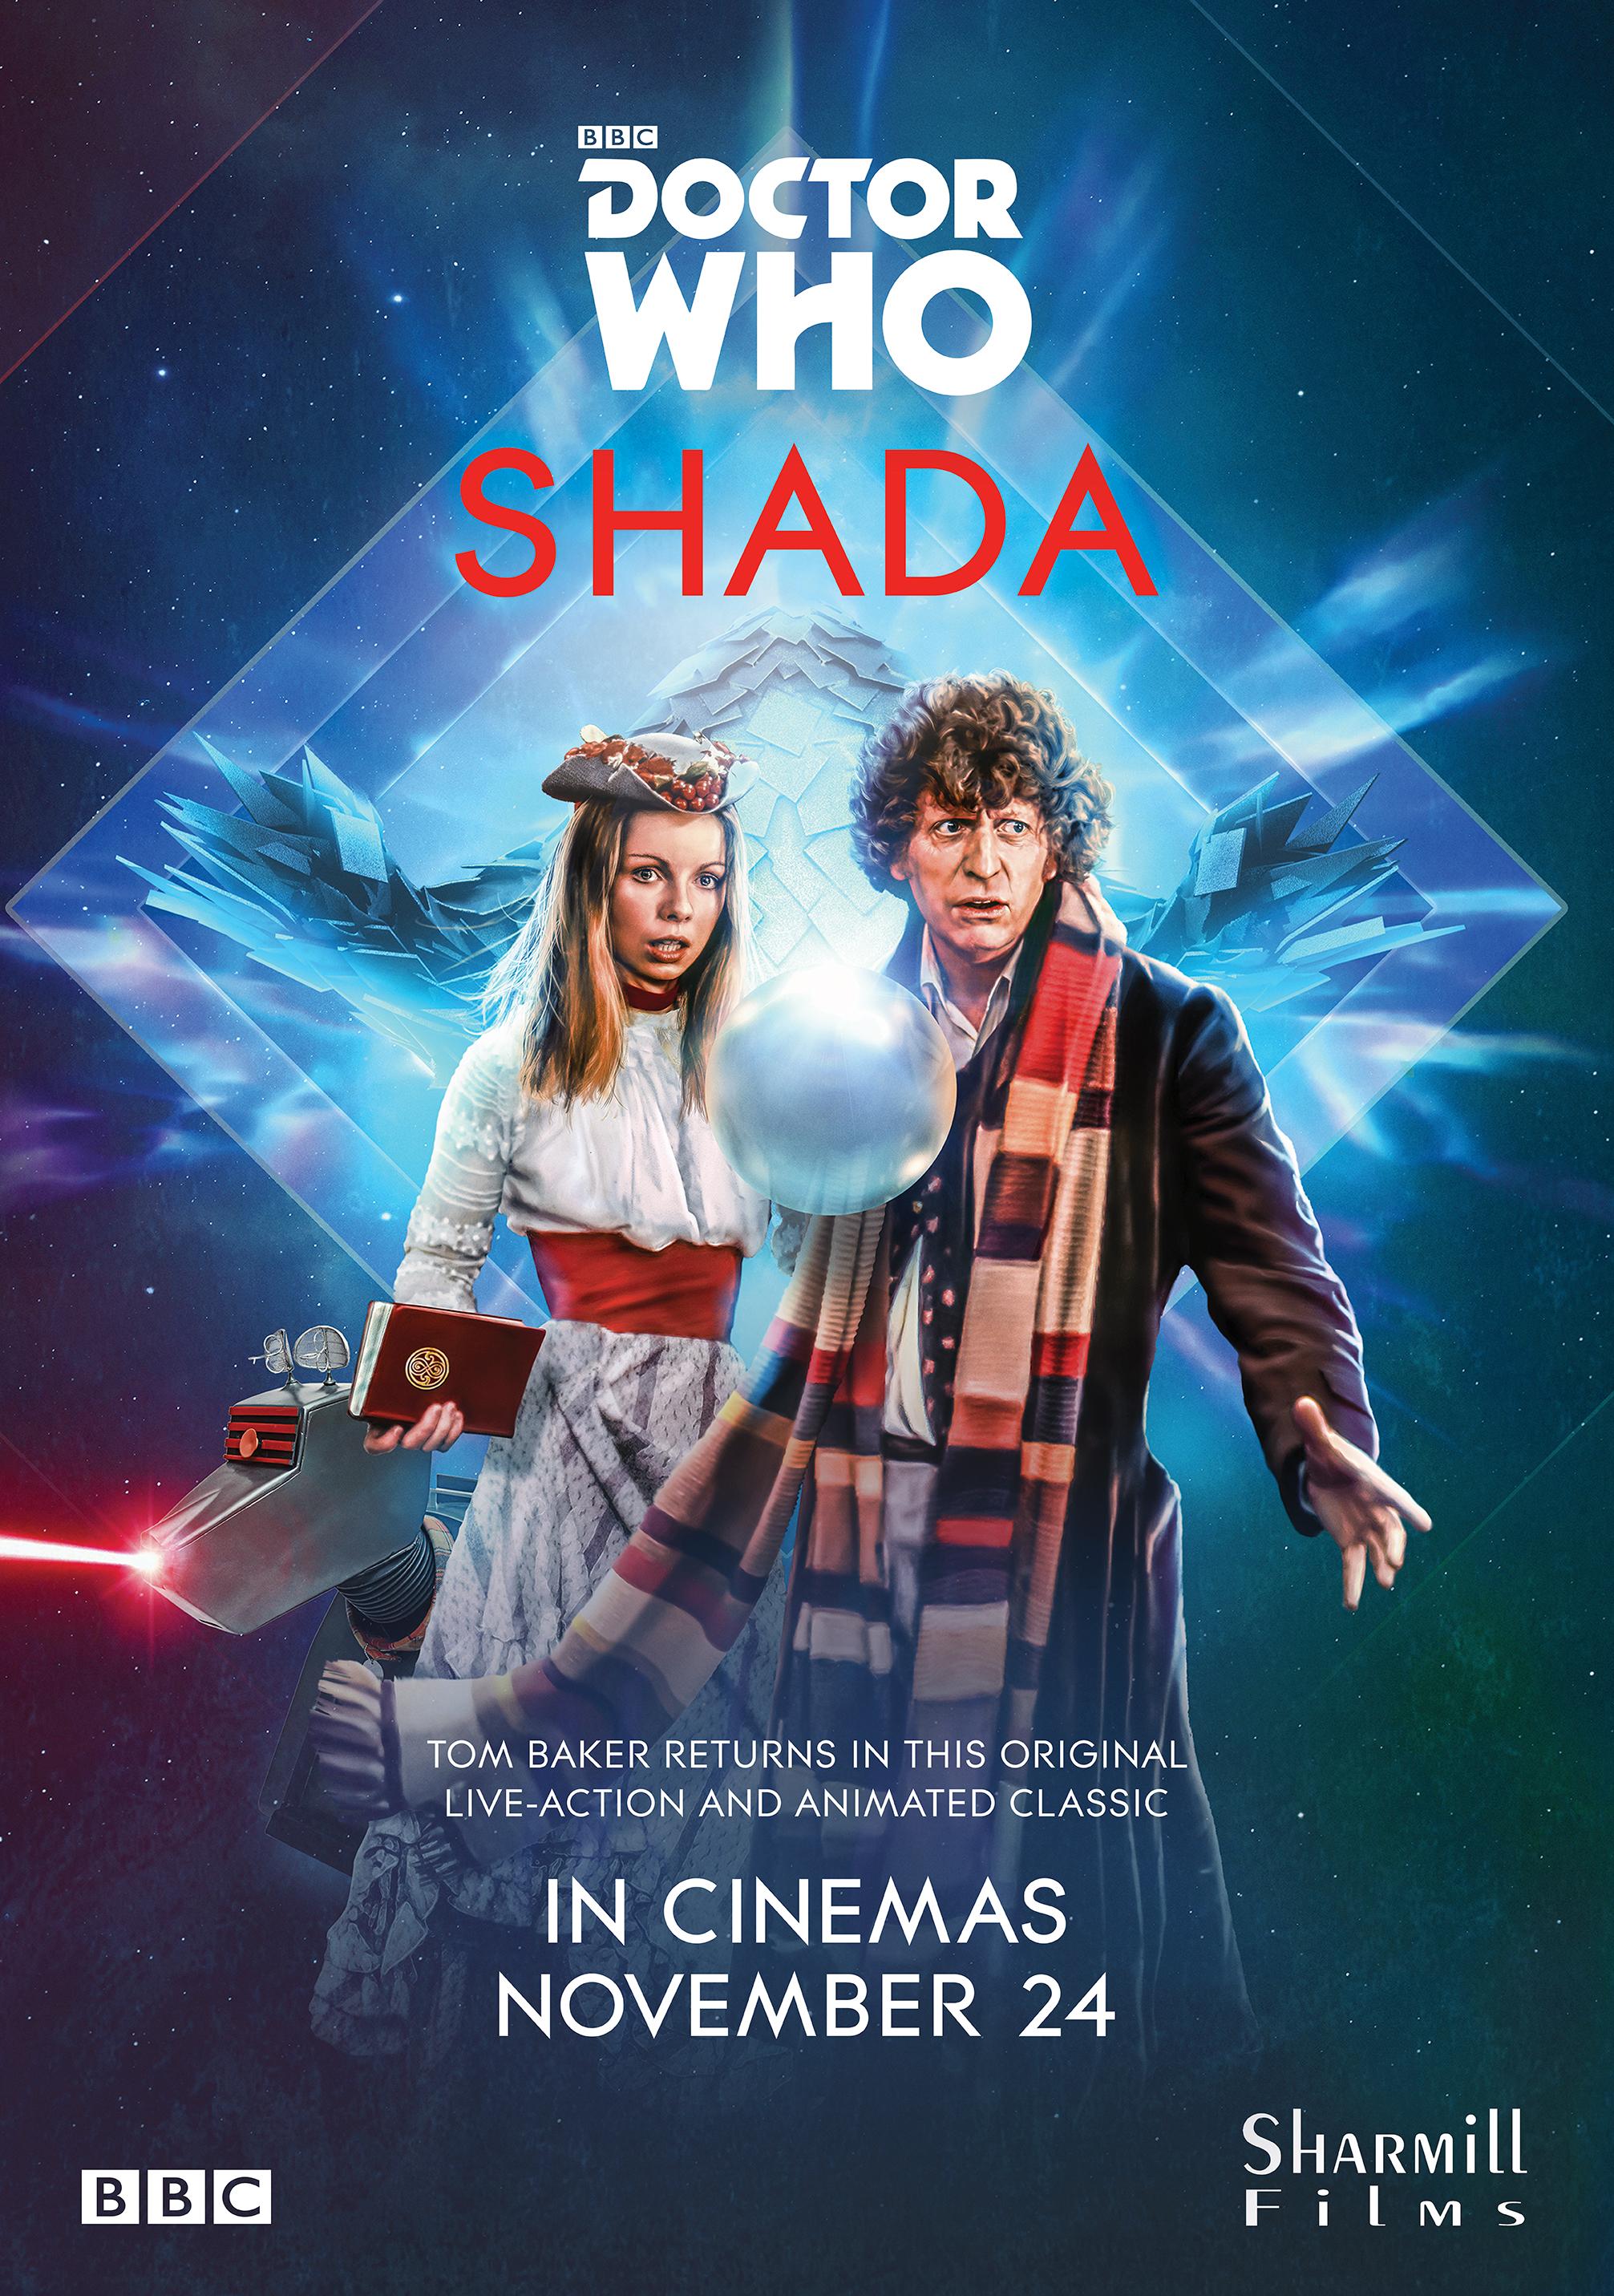 DoctorWhoShada_700x1000_Poster_RGB_webV2.jpg